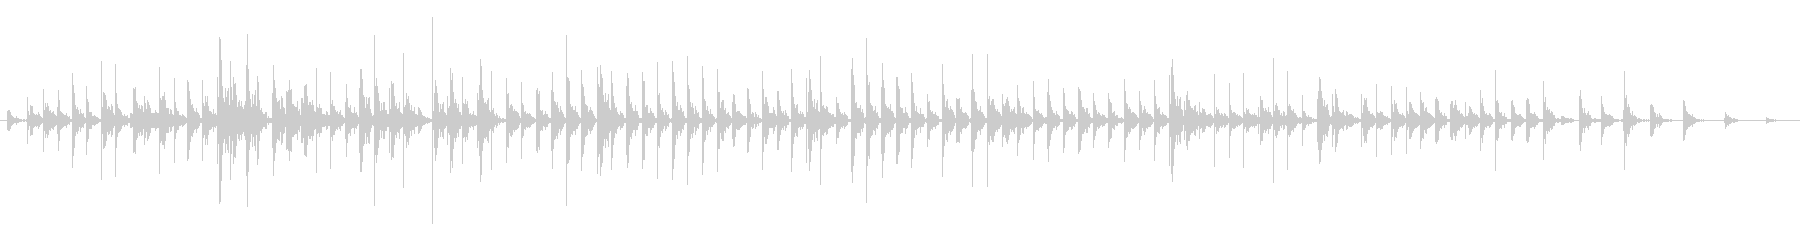 ウッドフロア:素足:実行、左チャネ...の未再生の波形